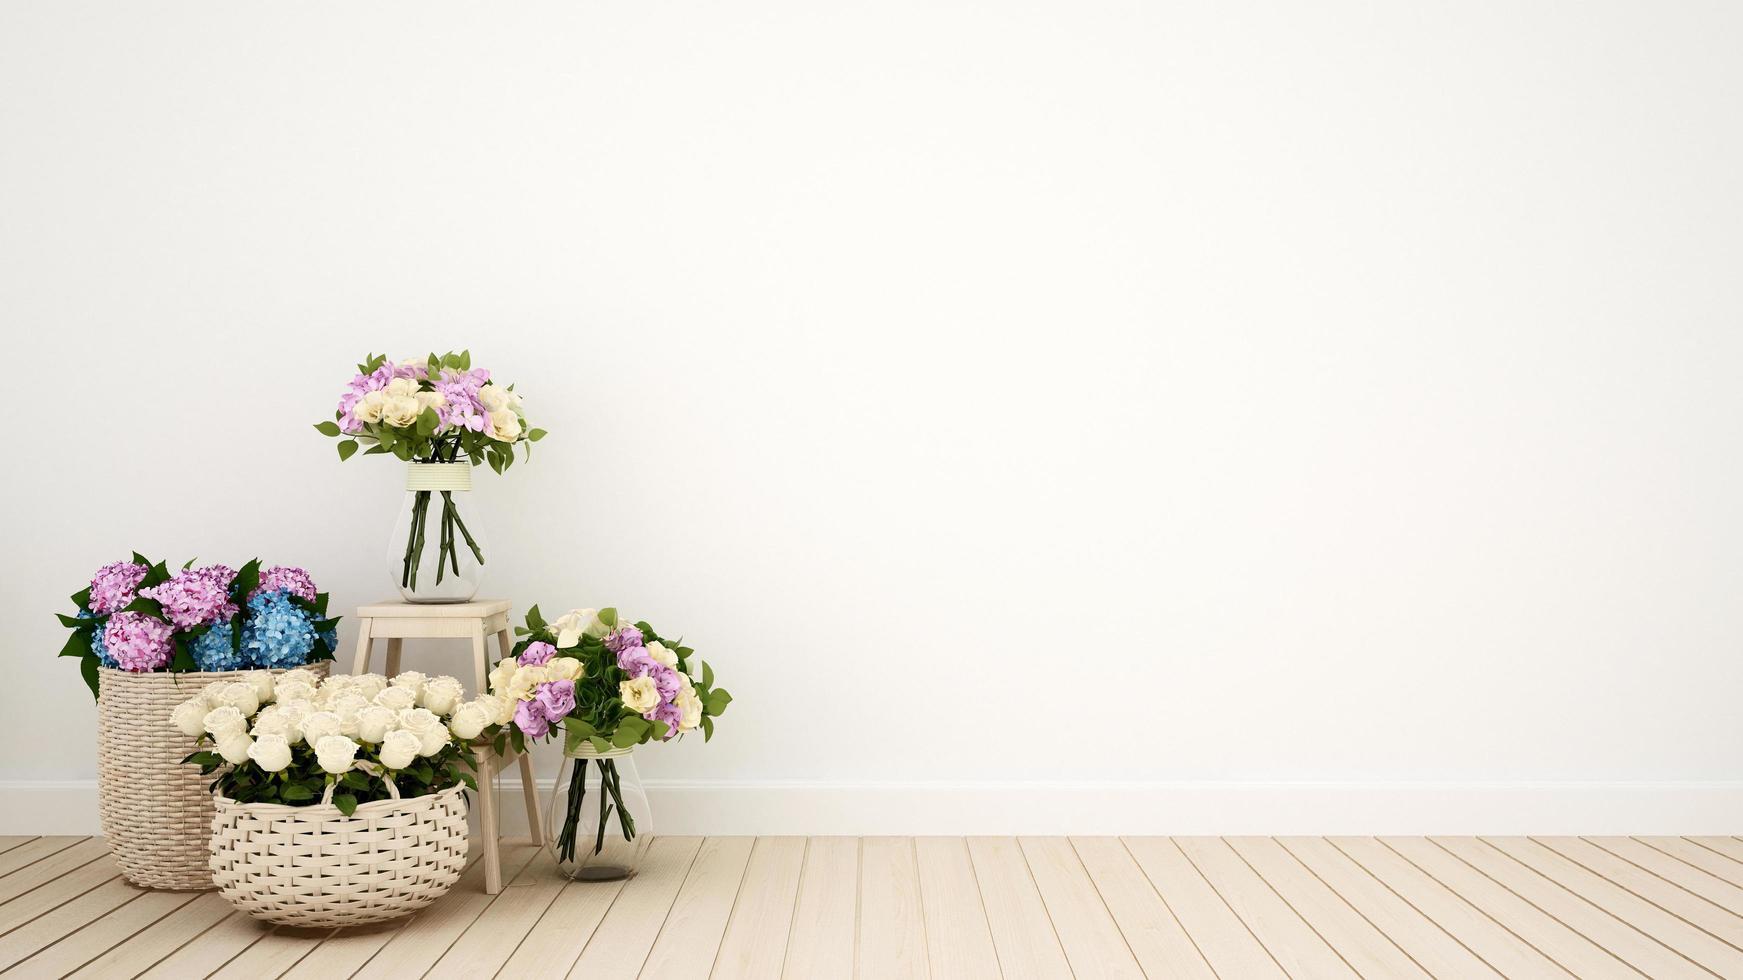 woonkamer of andere kamerdecoratie bloem foto